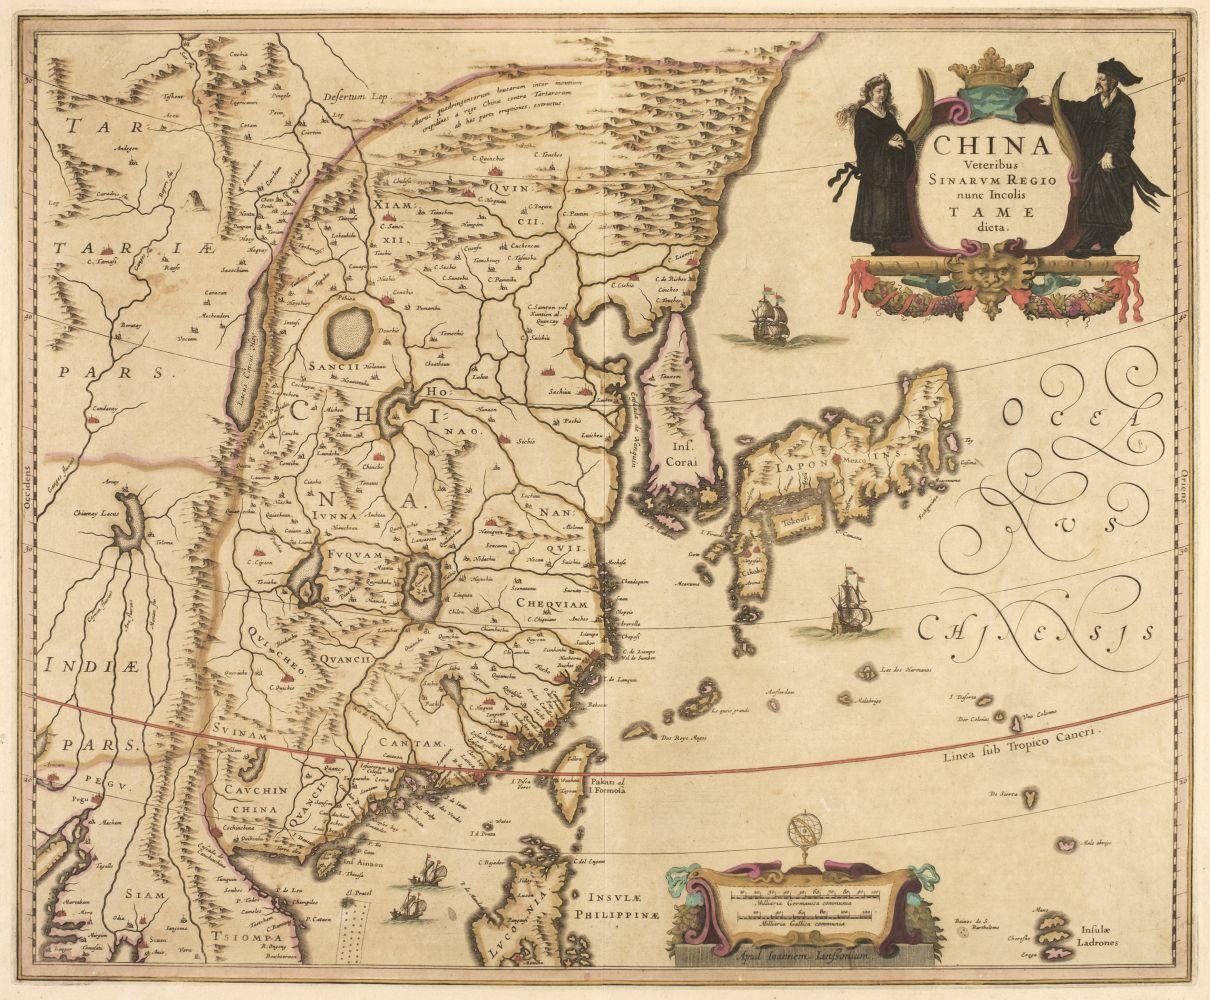 China. Jansson (Jan), China veteribus Sinarum Regnum..., circa 1640